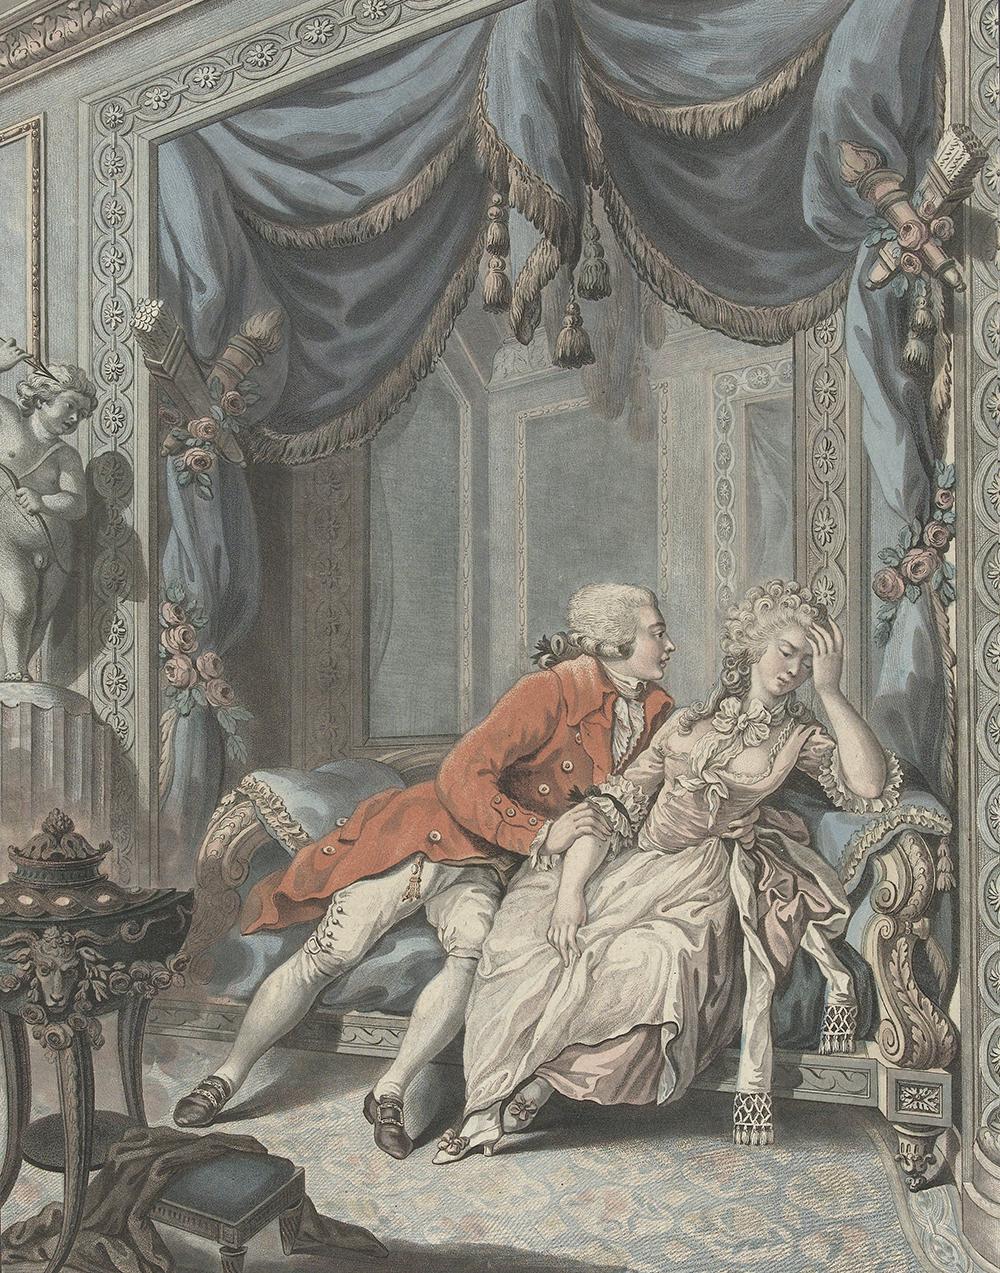 Young man tries to seduce a lady, by Joseph de Longueil, c. 1740–92. Rijksmuseum.